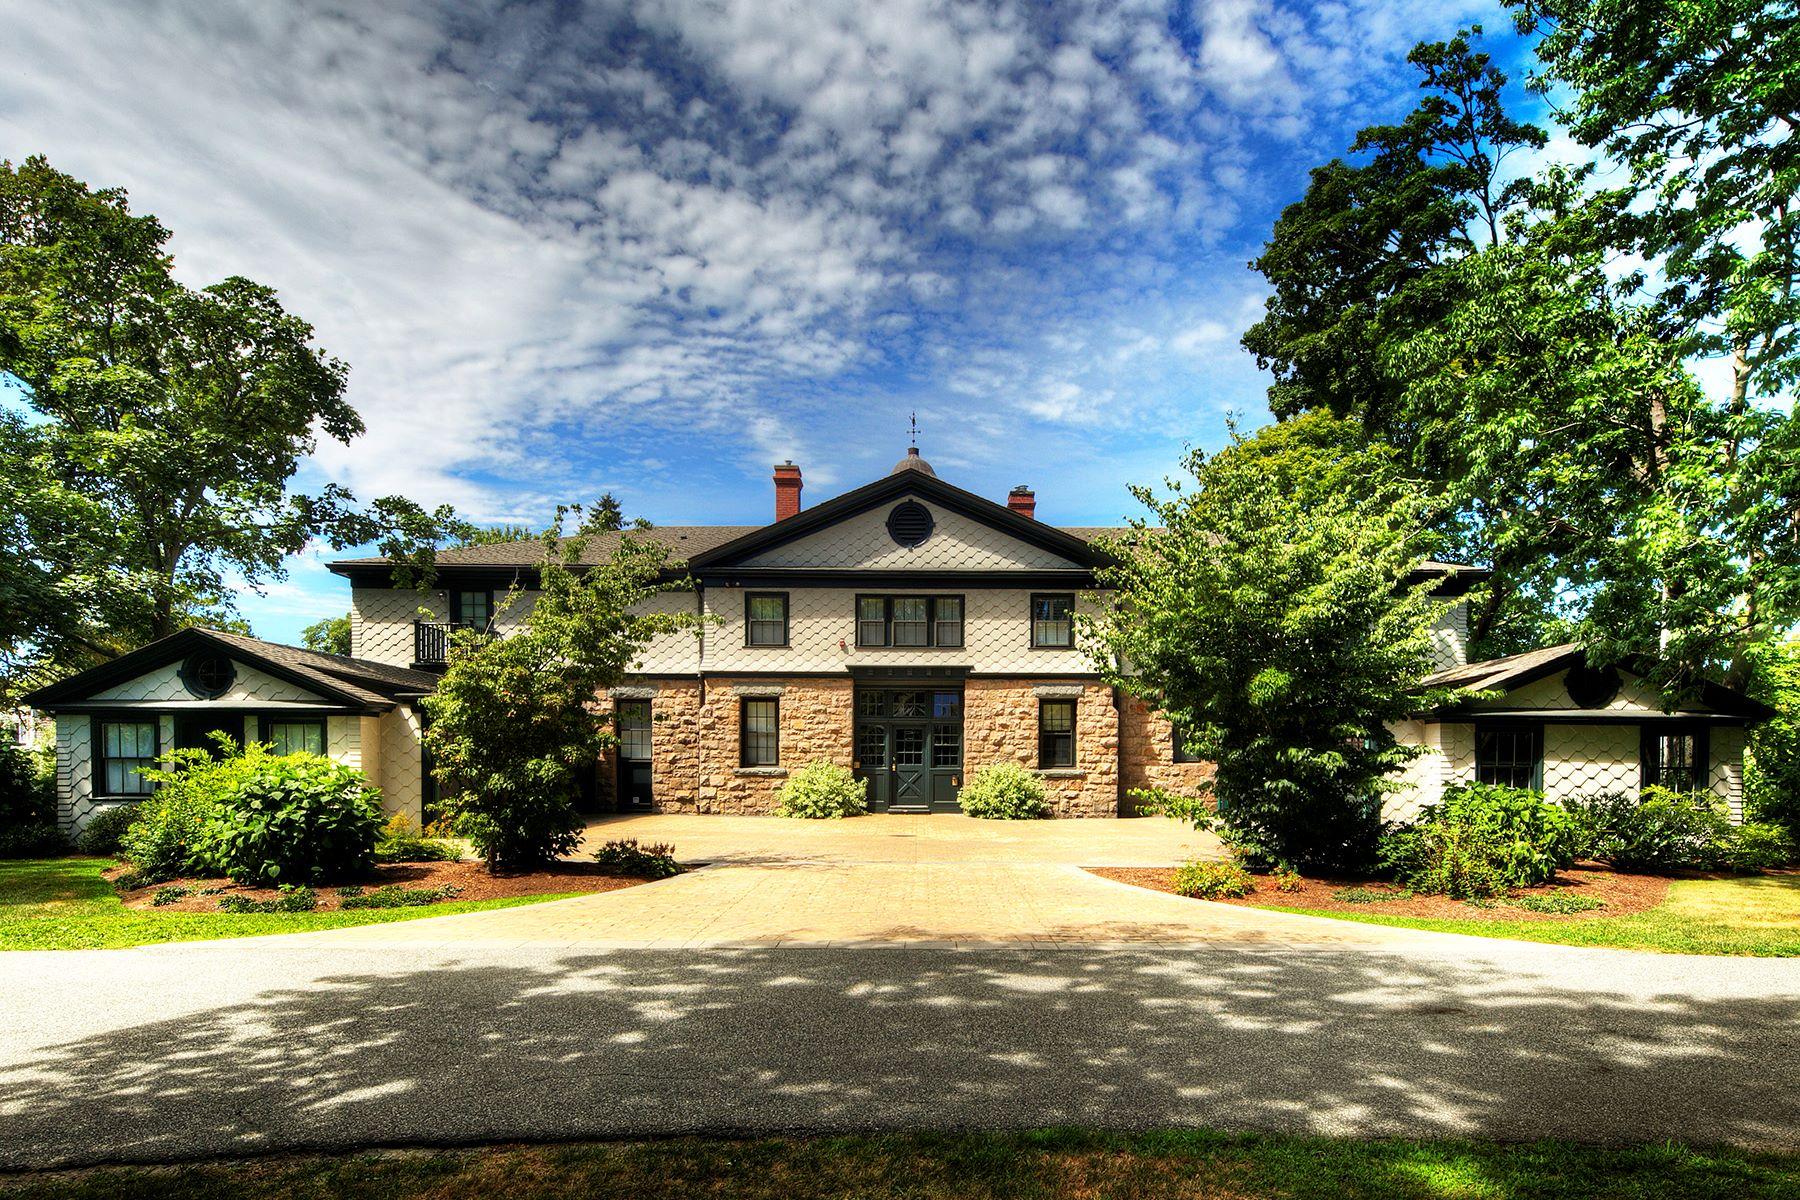 Condominium for Sale at Bushy Park Condominium 8 Annandale Road 2 Newport, Rhode Island 02840 United States